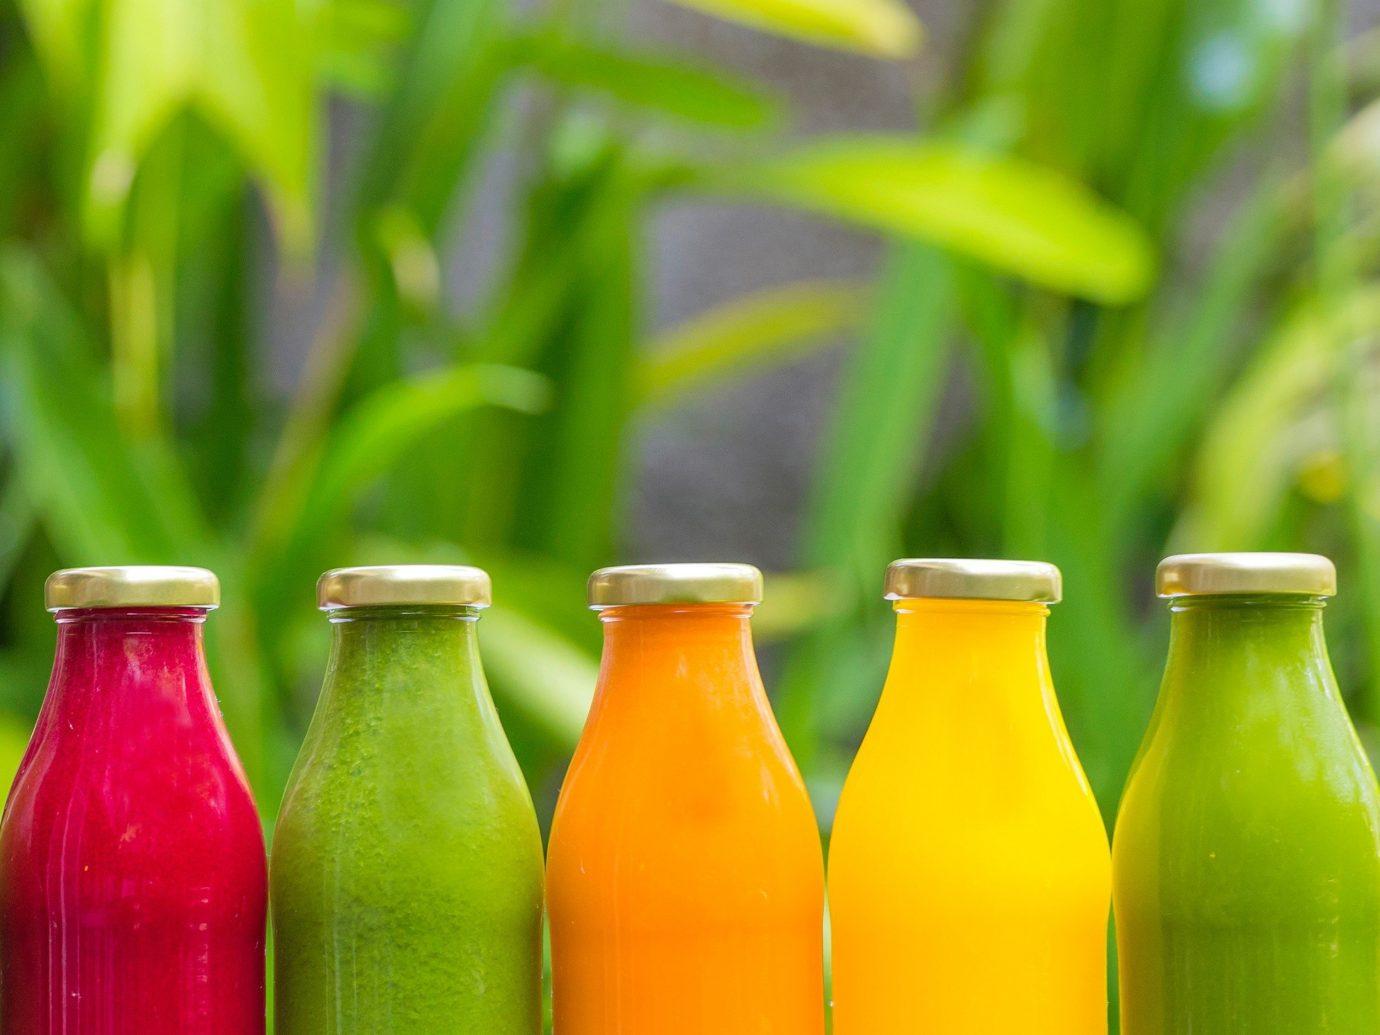 Hotels bottle green juice Drink food produce glass bottle drinkware beer bottle beverage colored